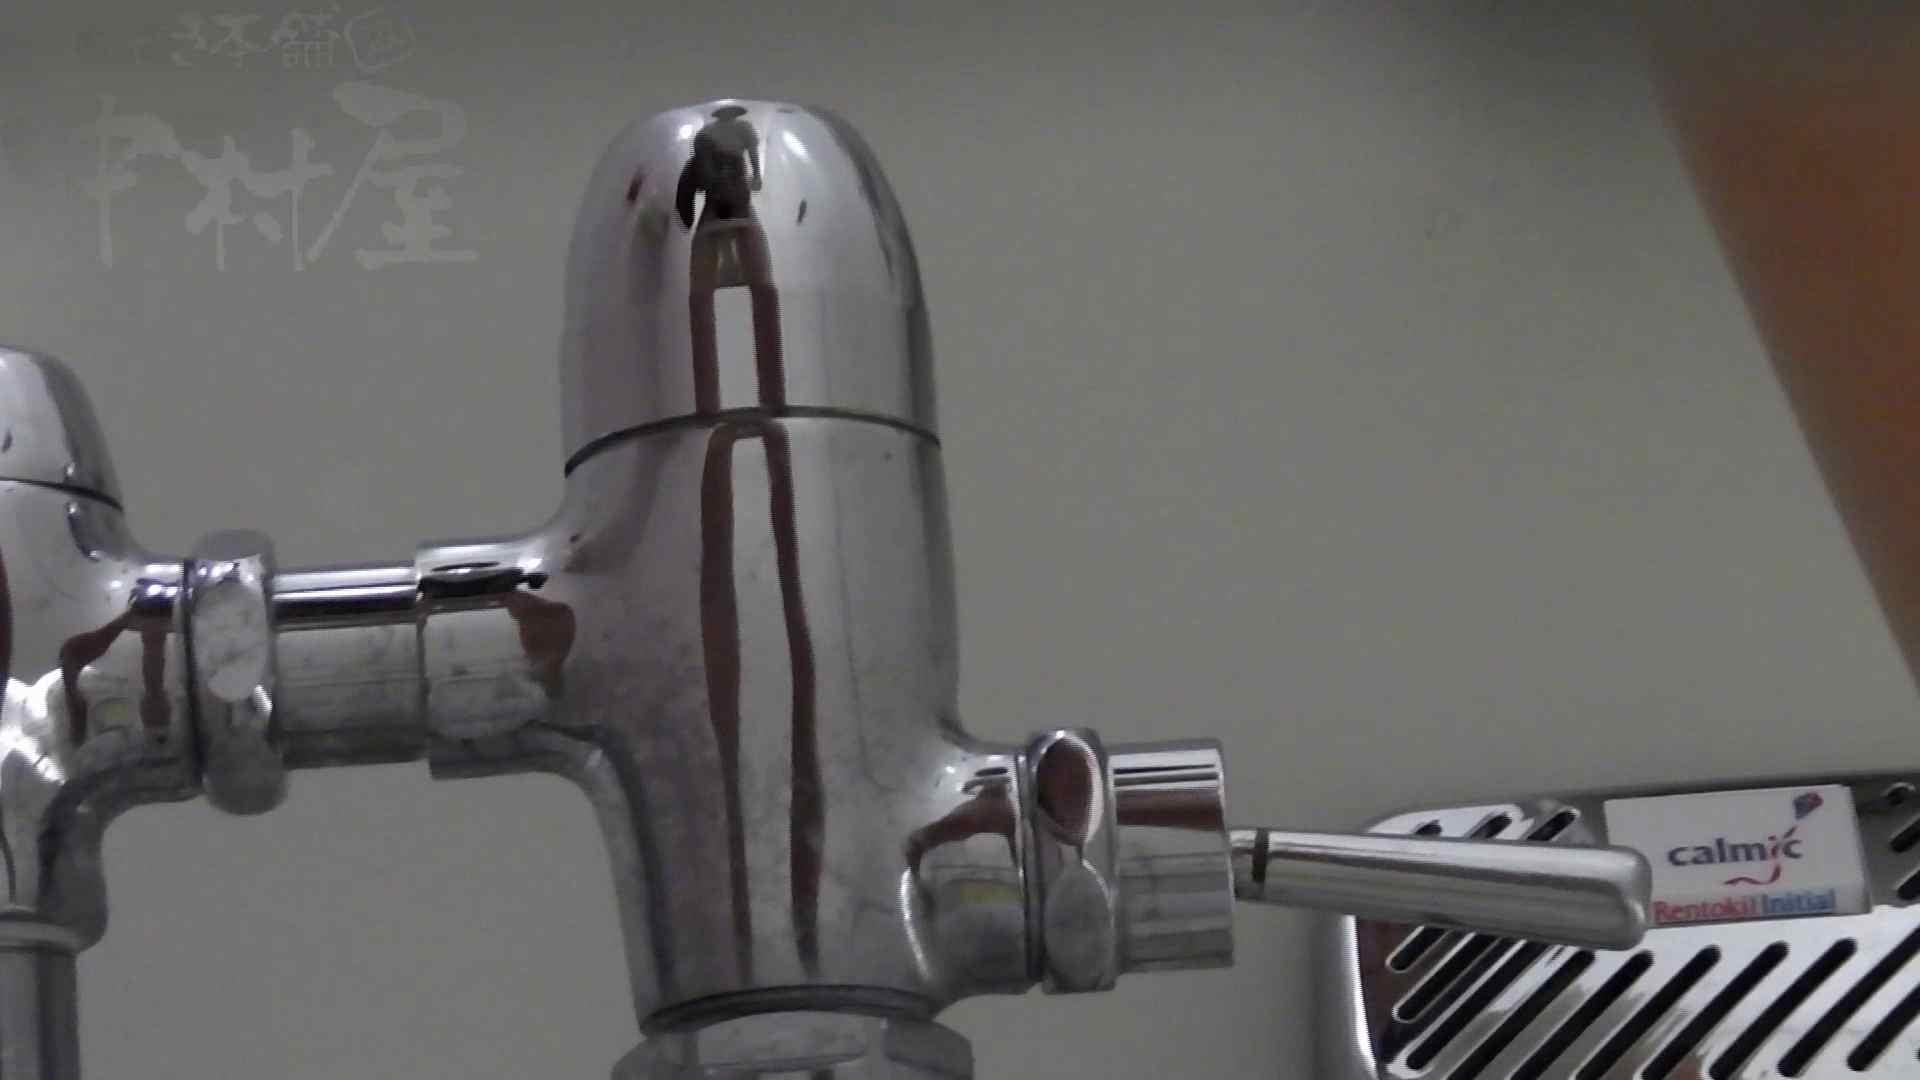 美しい日本の未来 No.29 豹柄サンダルはイ更●気味??? トイレ 盗み撮り動画キャプチャ 111連発 86